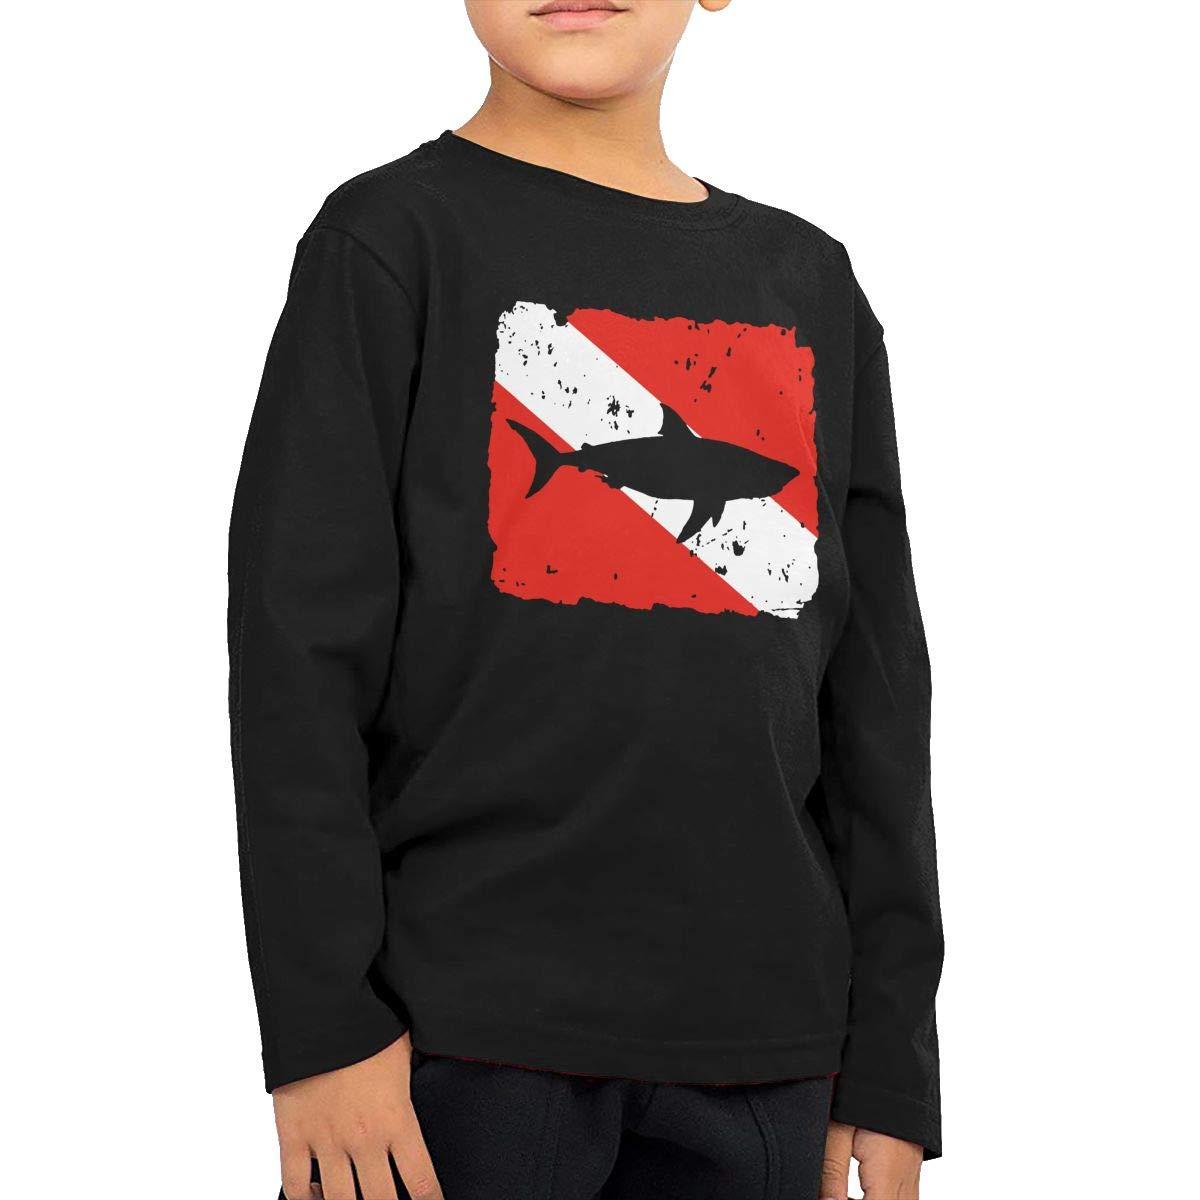 Love Skull Barber Hair Stylist Baby Boys Girls Short Sleeve Crew Neck T-Shirt 6-18 Month Tops